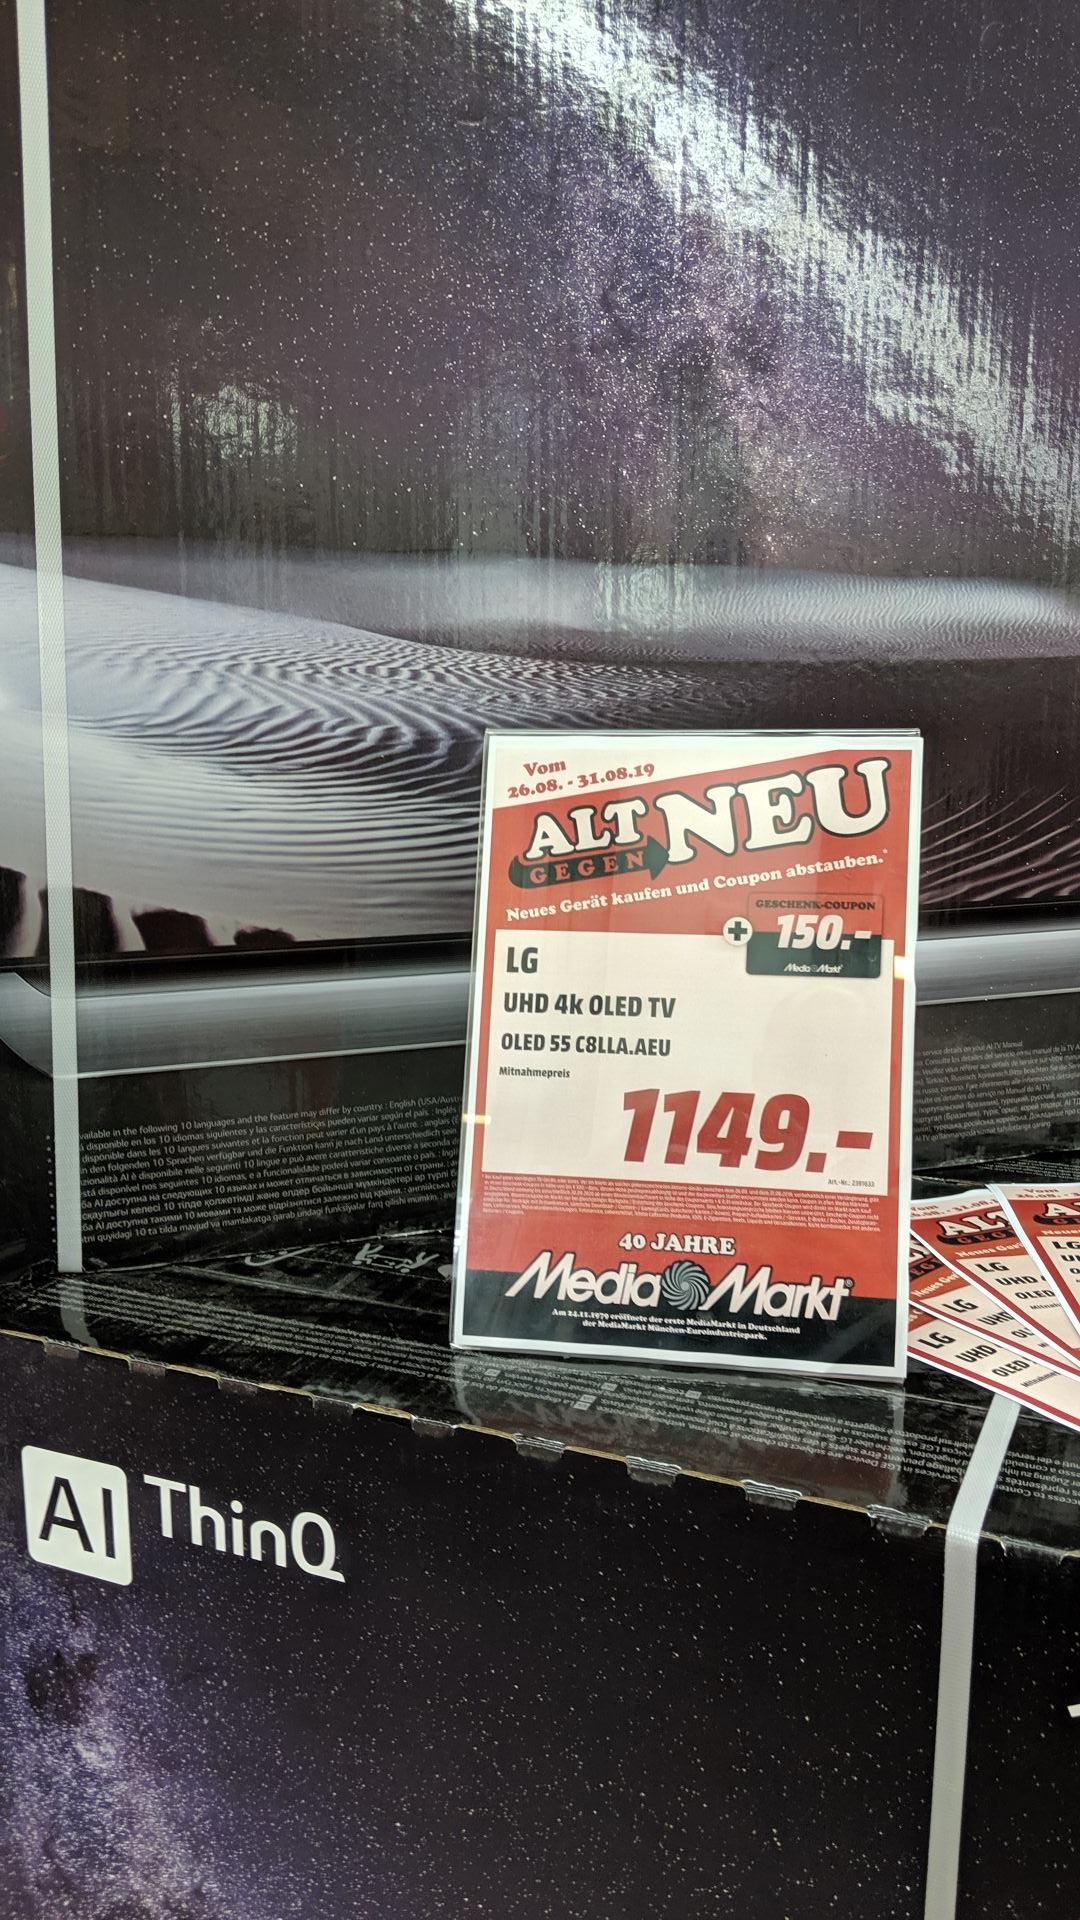 LG Oled 55C8 plus 150€ Gutschein. Media Markt Düsseldorf Bilker Acarden